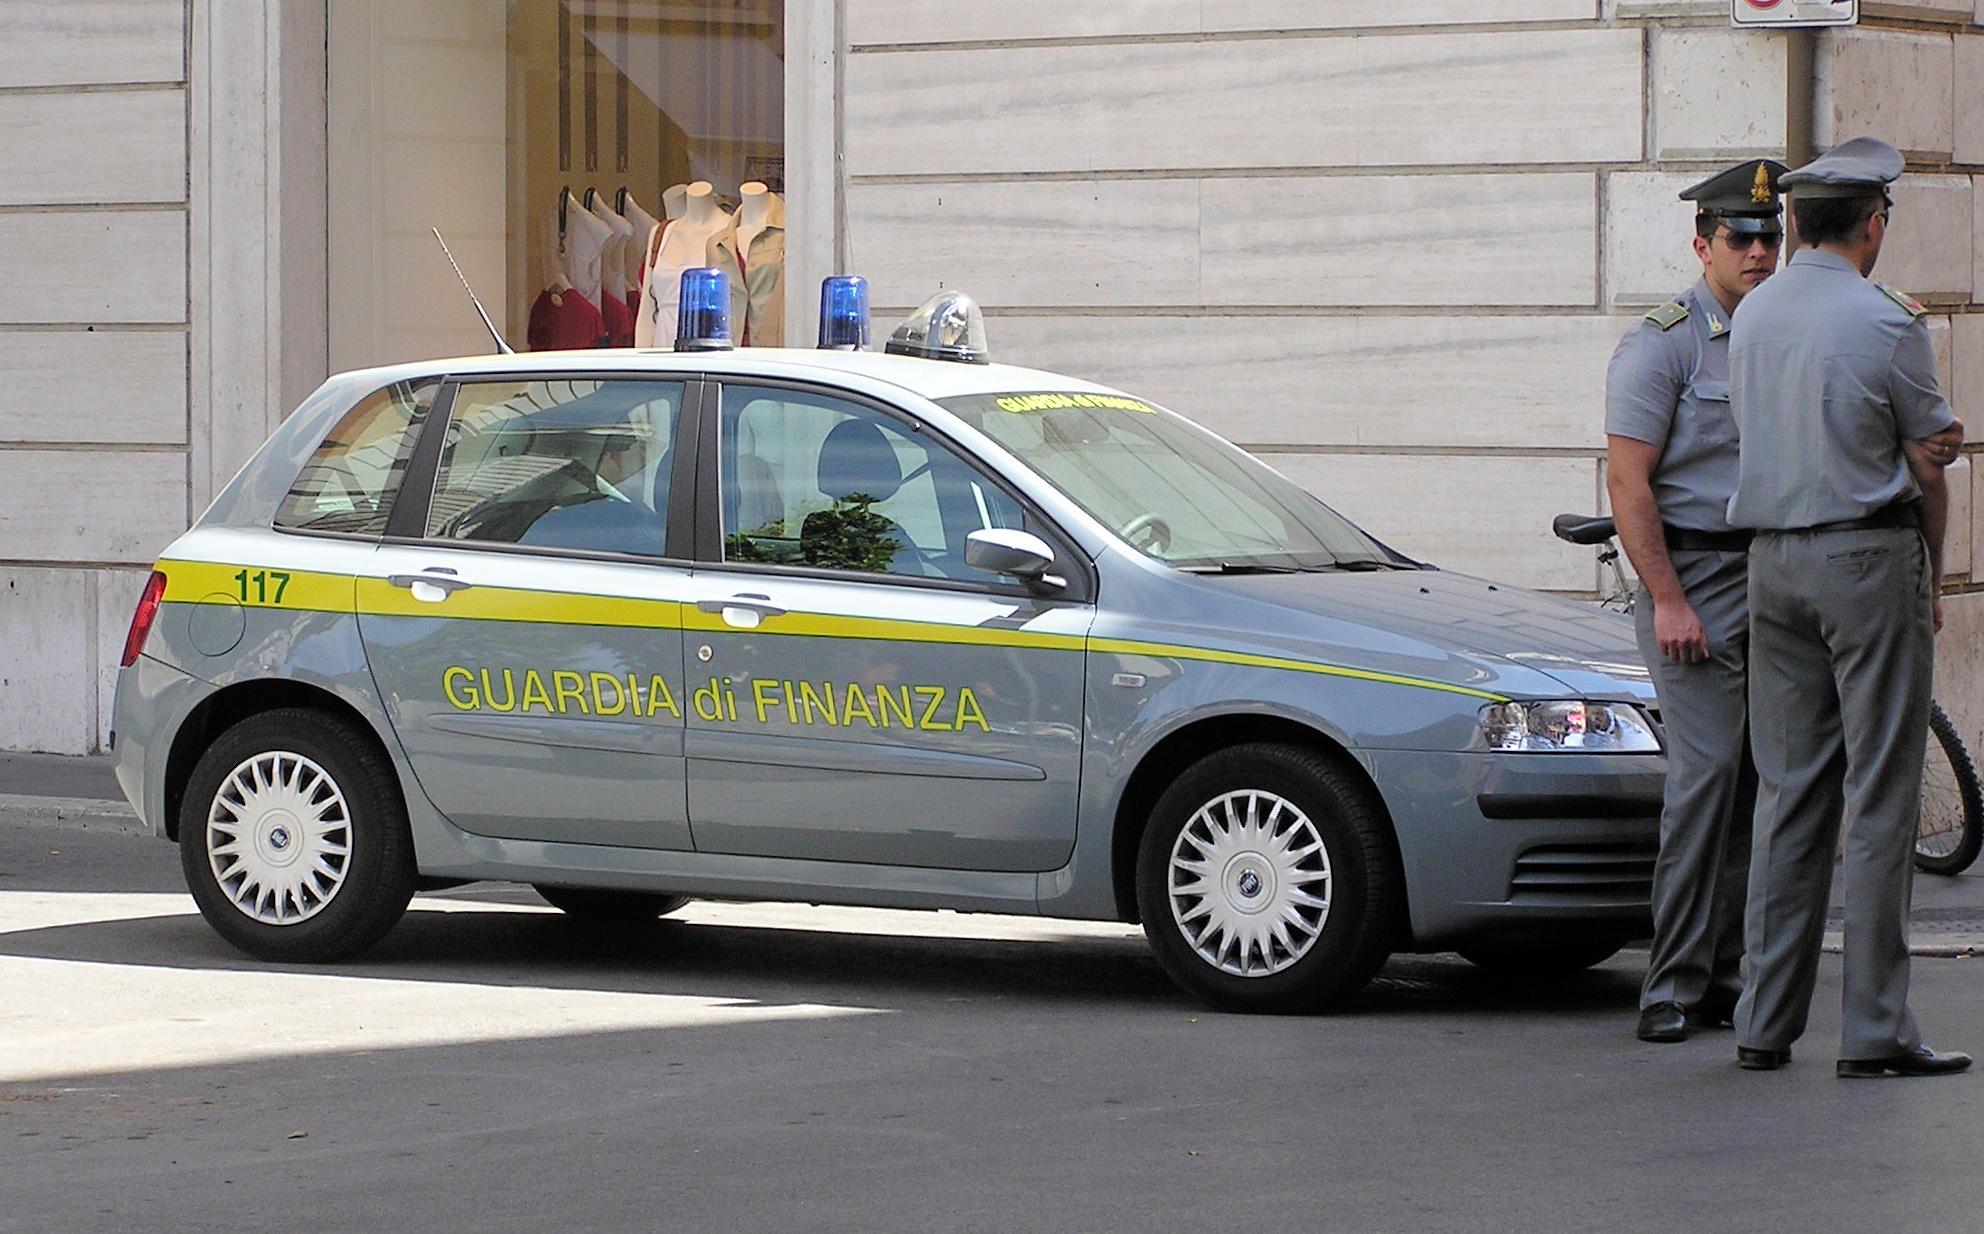 http://upload.wikimedia.org/wikipedia/commons/e/e2/Guardia.di.finanza.car.arp.jpg